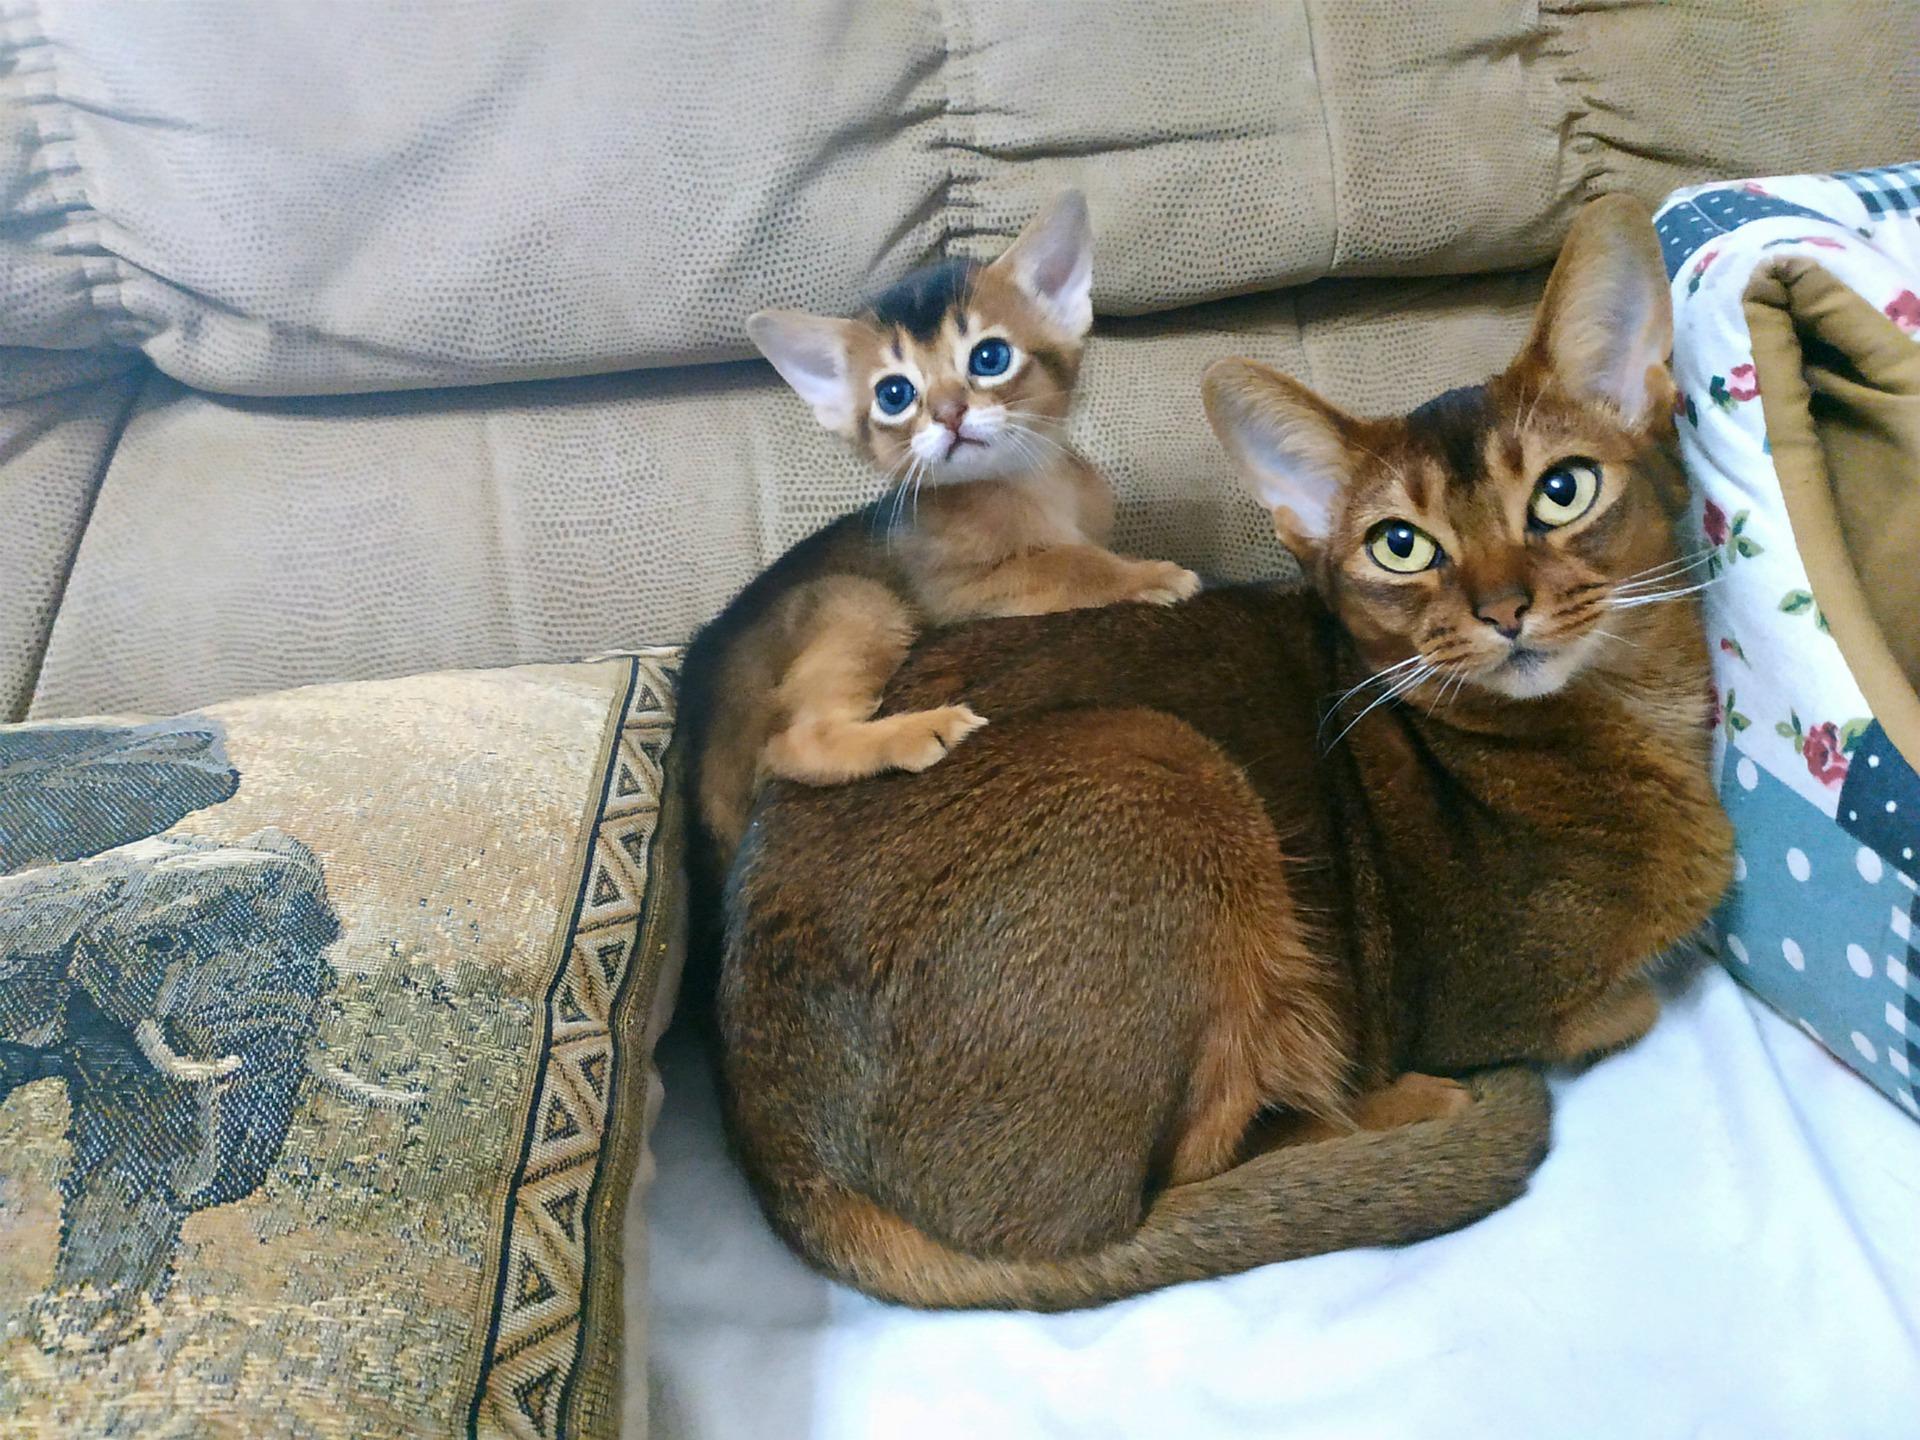 Koty abisyńskie należą do grupy kotów orientalnych. Są bardzo towarzyskie i ciekawskie.